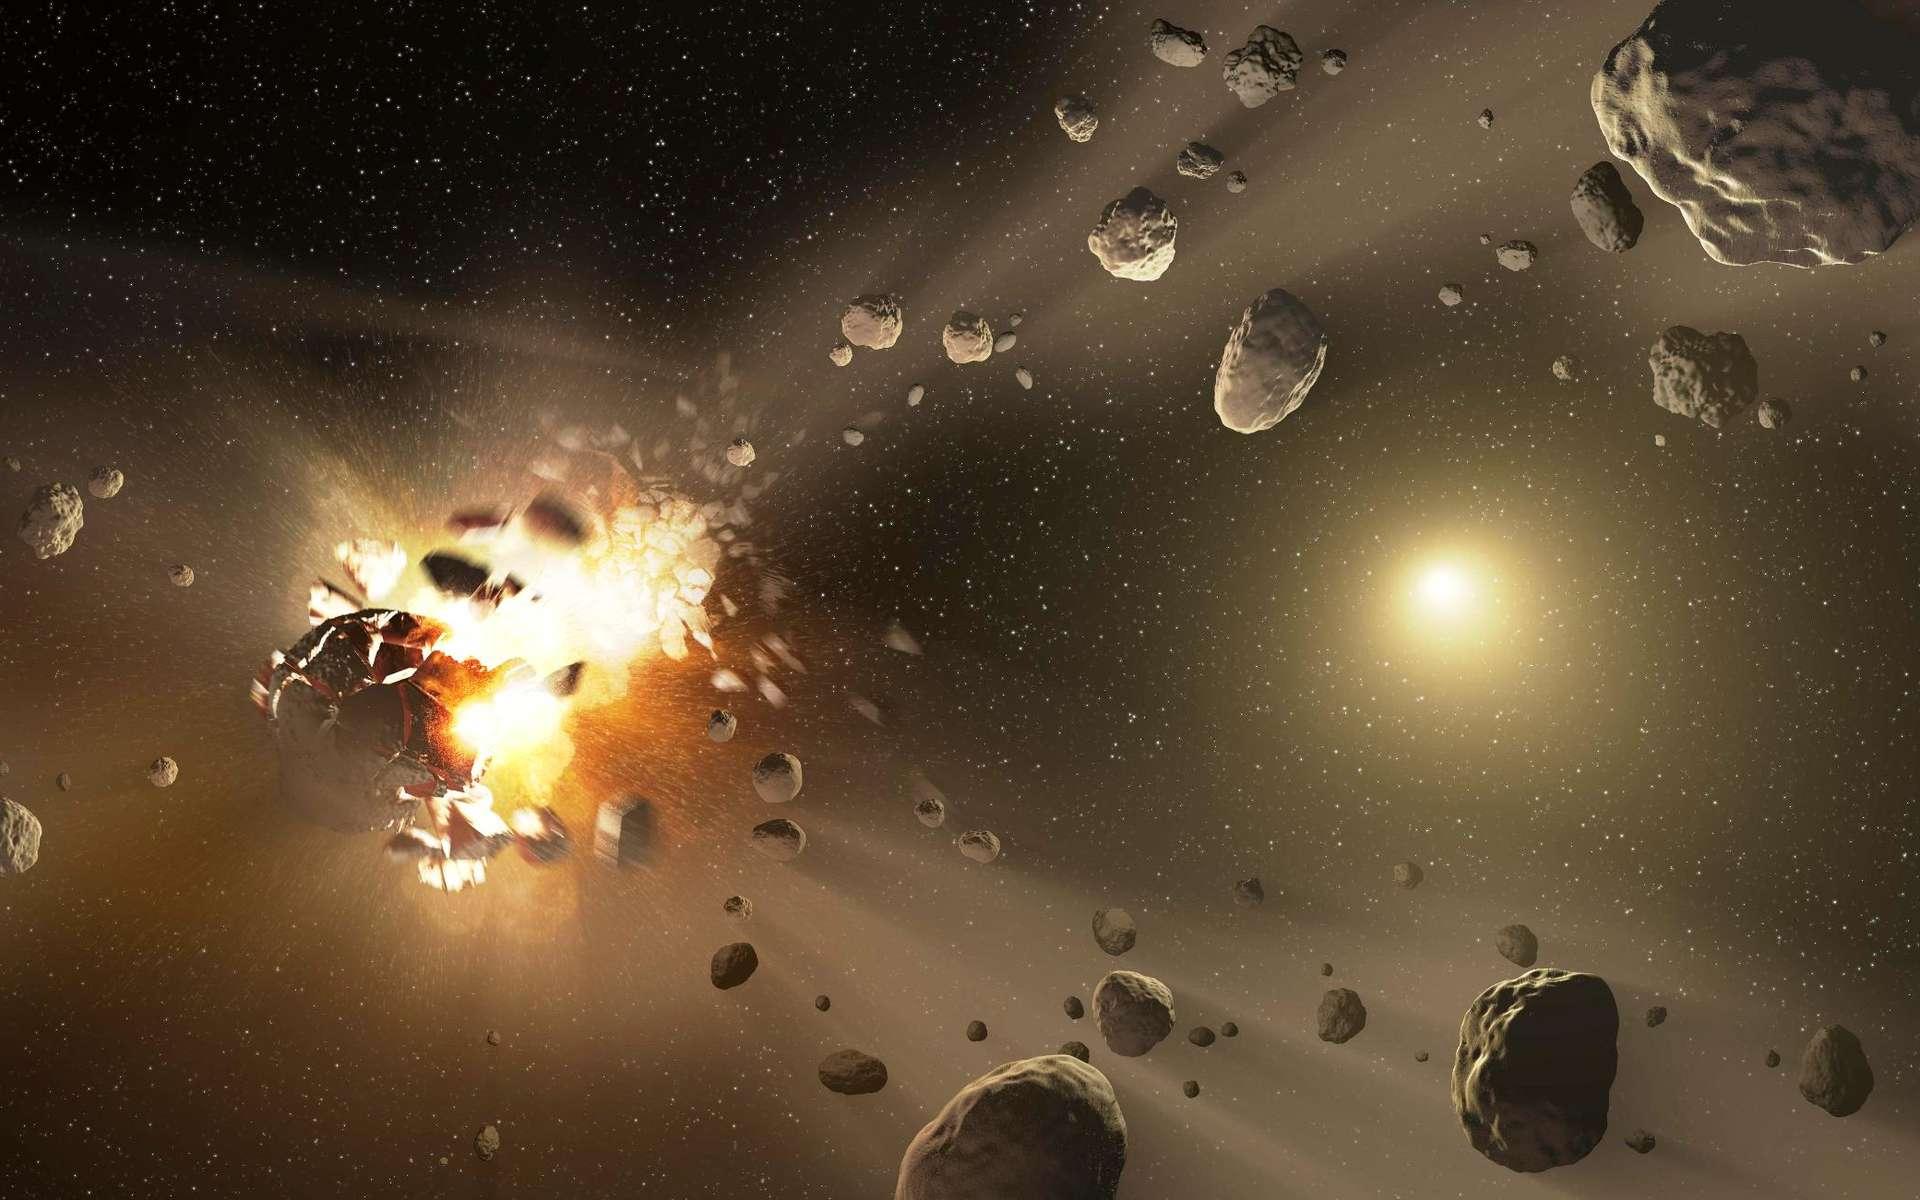 Une vue d'artiste montrant la collision violente entre deux astéroïdes. De nombreux débris sont produits, dont certains retomberont un jour sur Terre. Celles que l'on nomme des chondrites ordinaires constituent 87 % des quelque 50.000 météorites collectées à ce jour sur notre planète. © Nasa